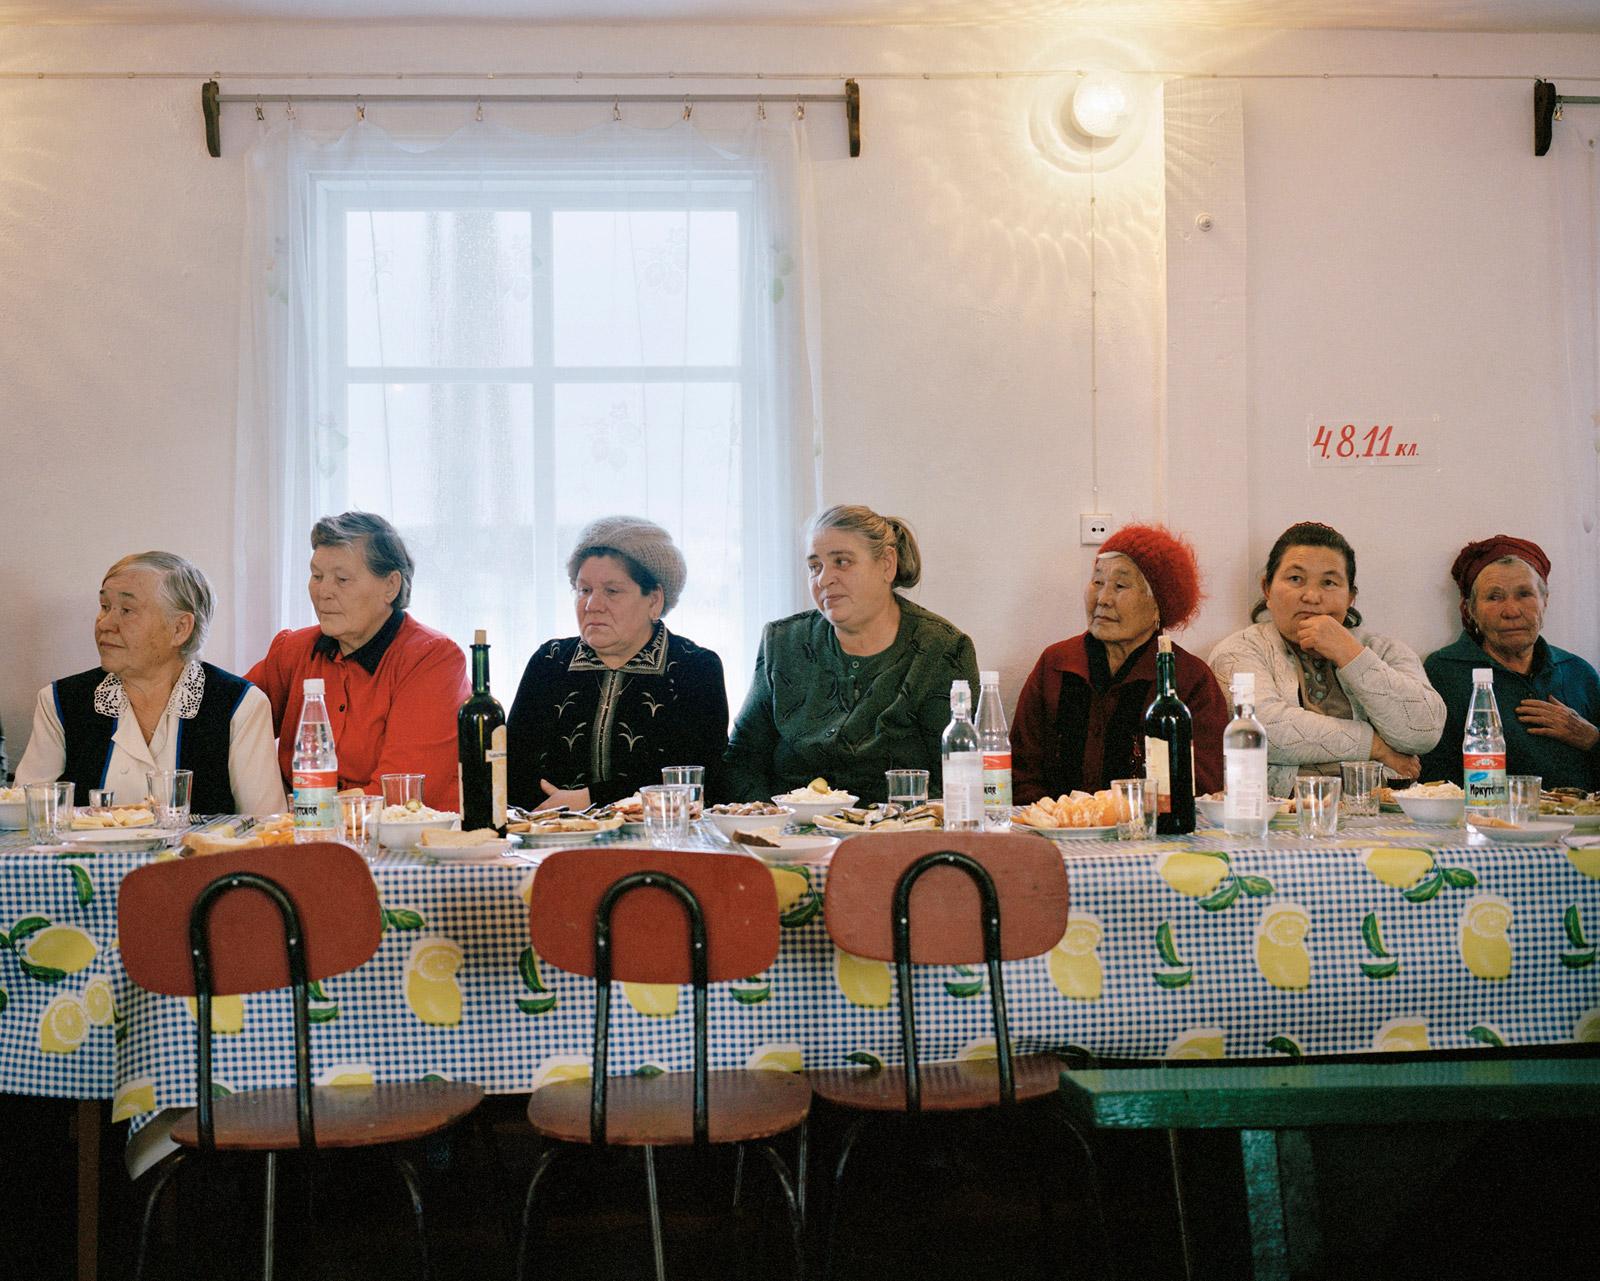 Скромная красота России в меланхоличных фотографиях британского фотографа